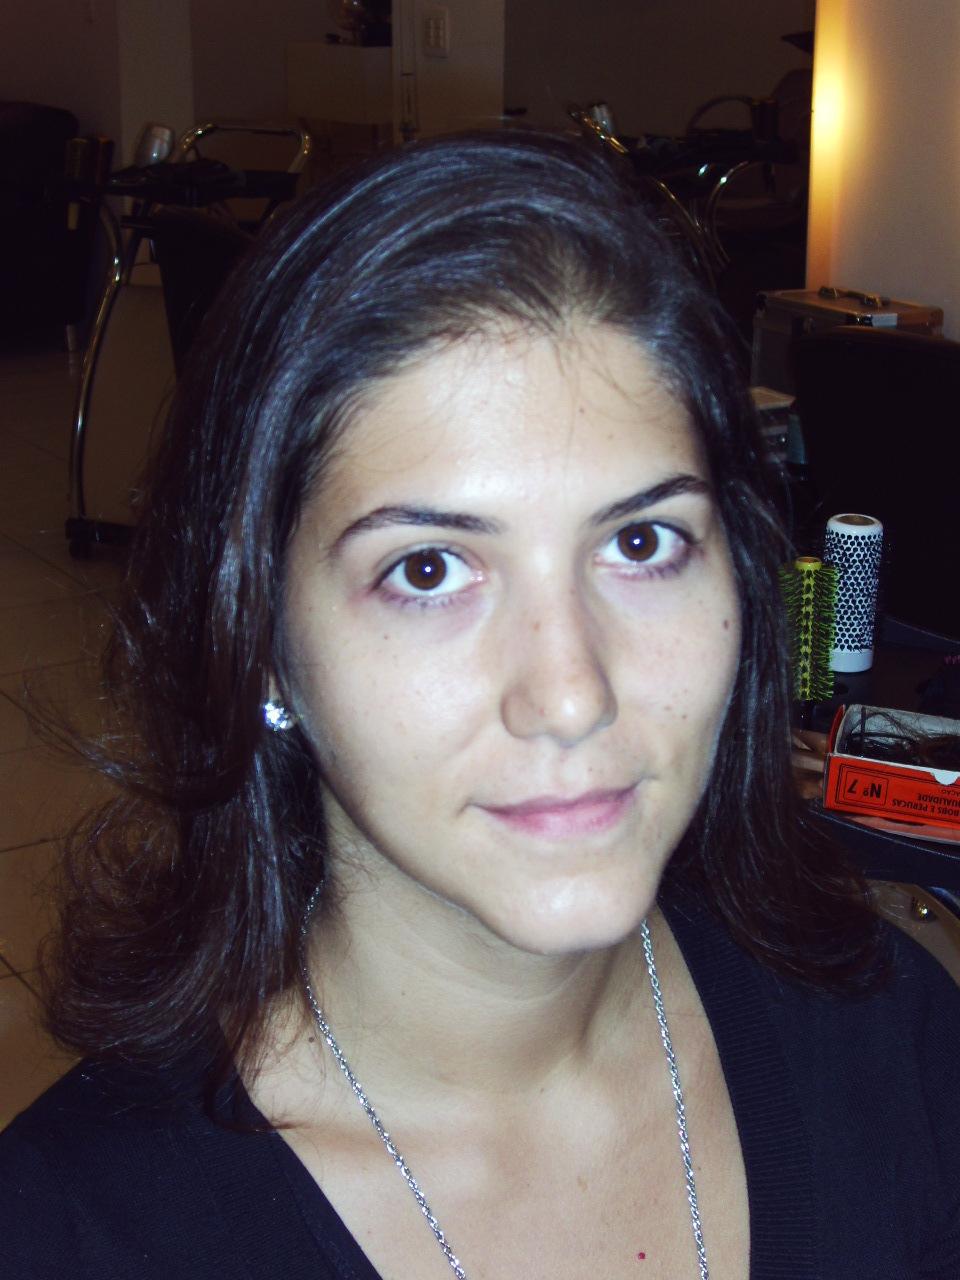 foto de entrevista para o dia da noiva  natural de rosto limpo sem maquilagem já era uma vela jovem material de estudo para o teste de maquilagem cabeleireiro(a) docente / professor(a) maquiador(a) stylist /visagista